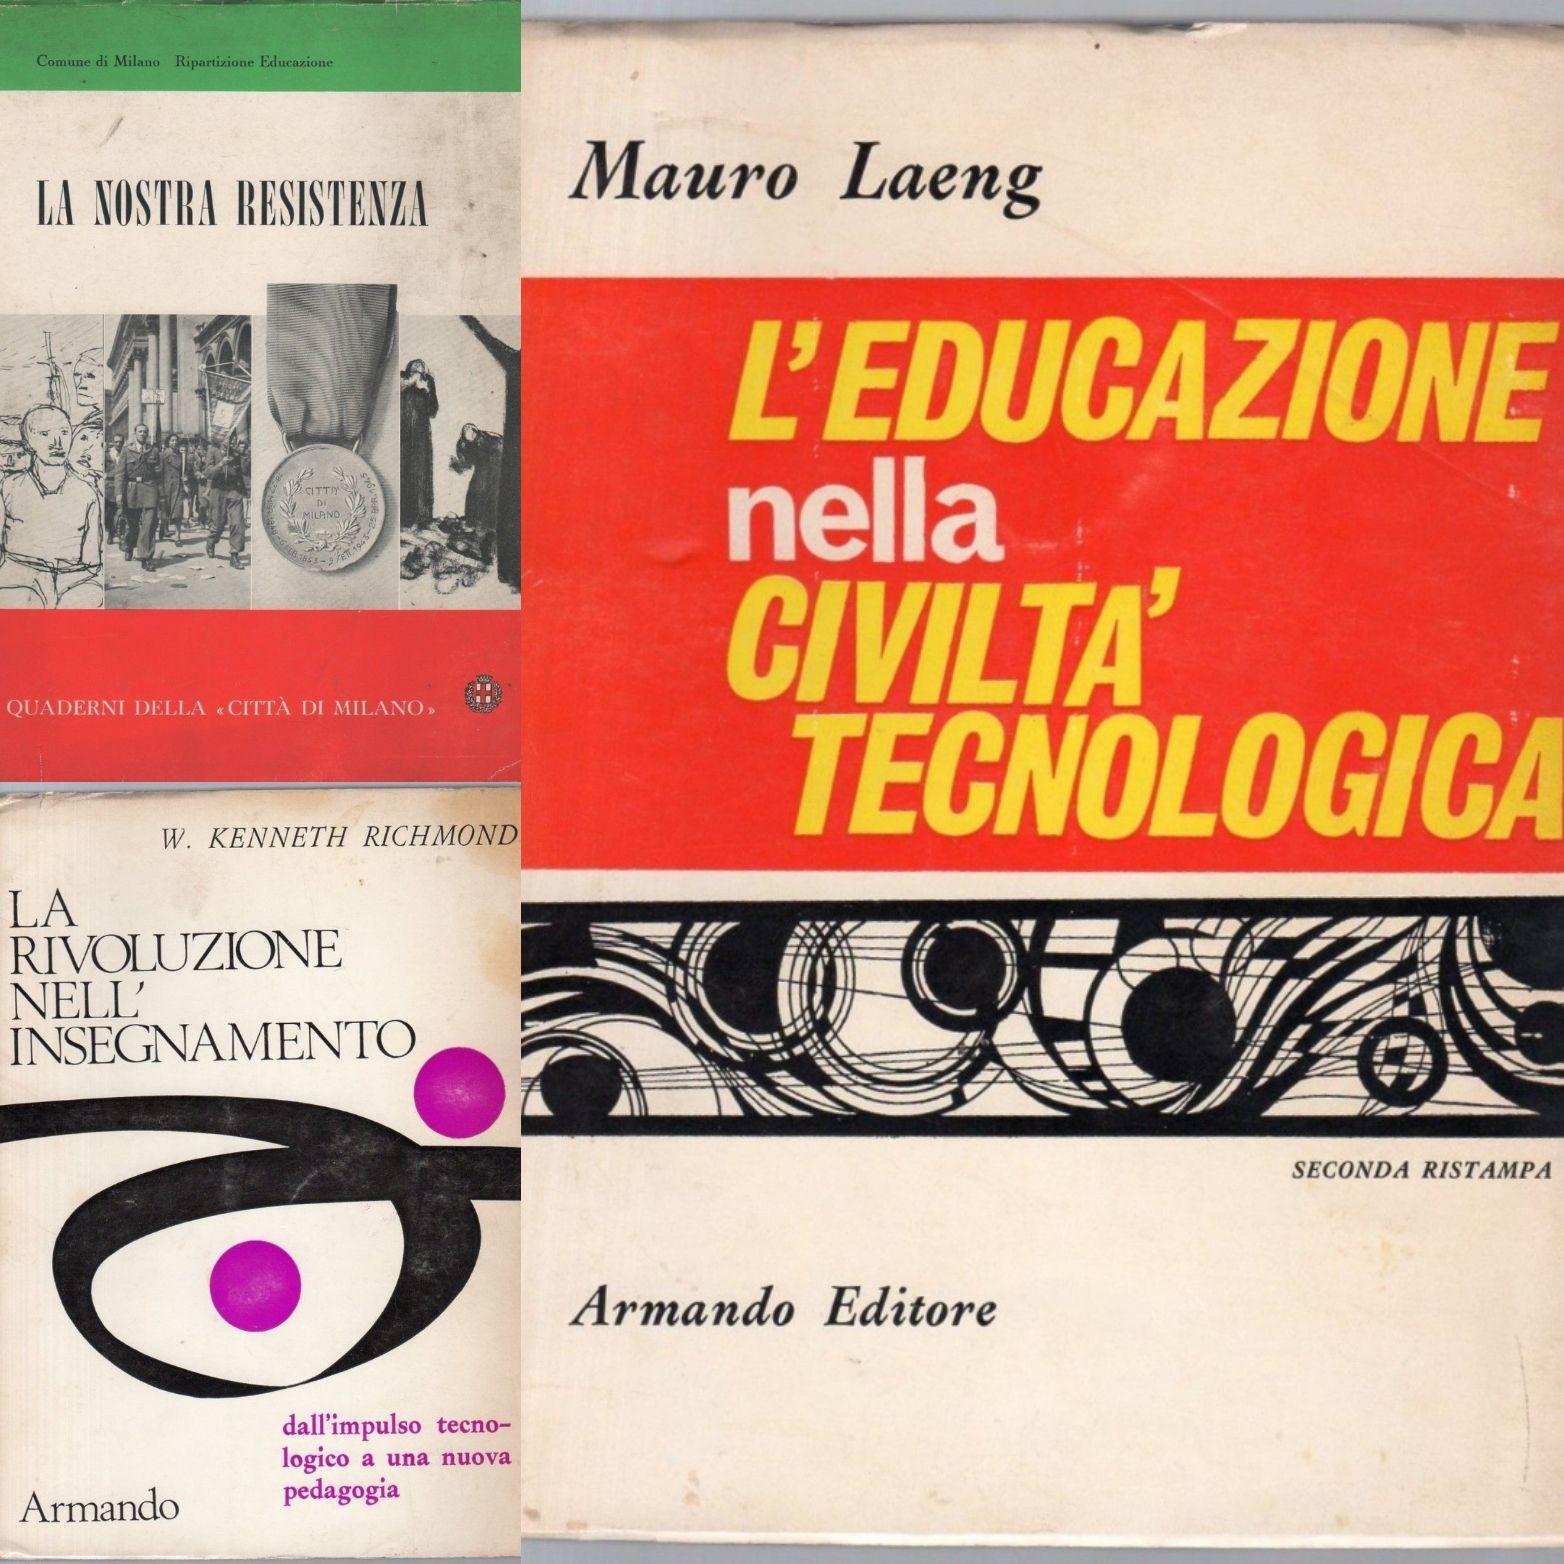 3 libri su eBay dalle valutazioni altissime ed inspiegabili